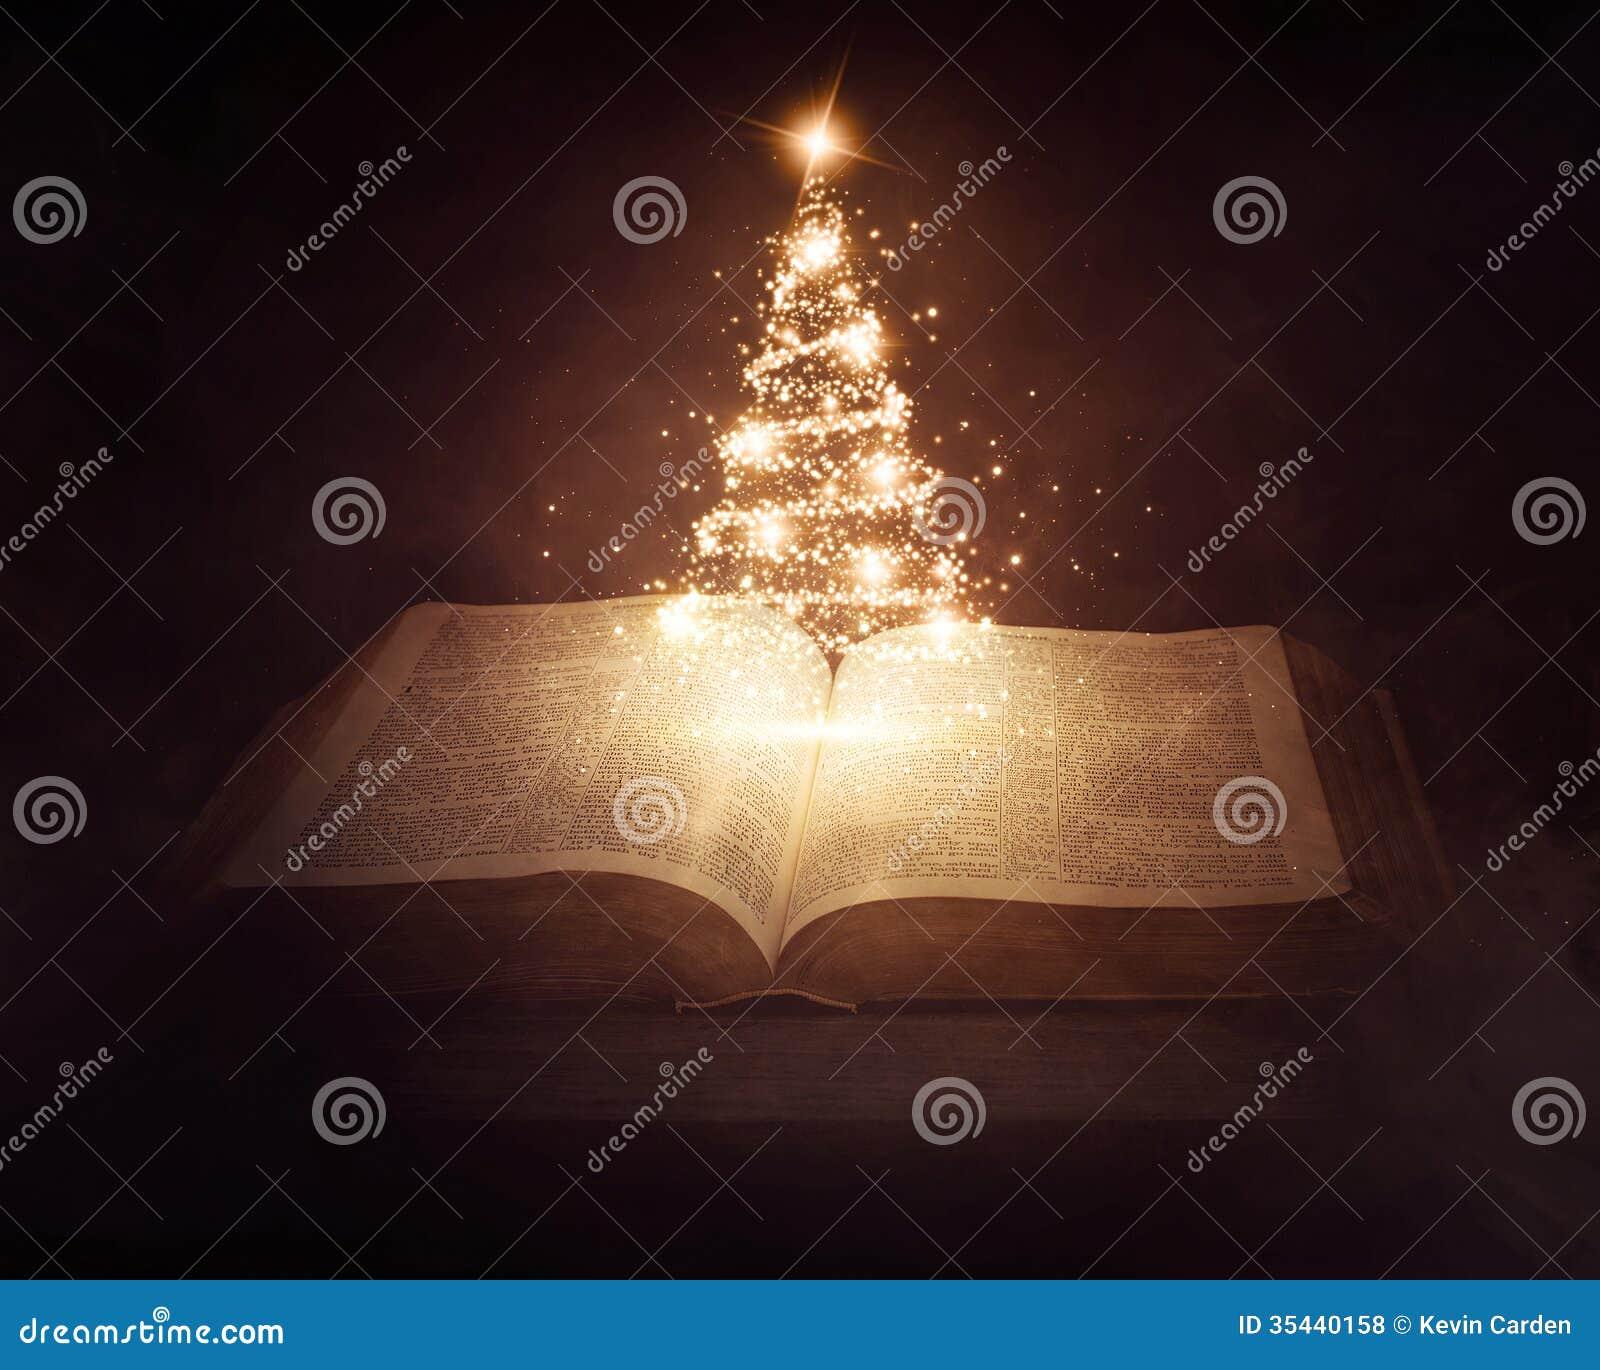 Weihnachtsbibel stockfoto. Bild von leuchte, baum, feiertag - 35440158